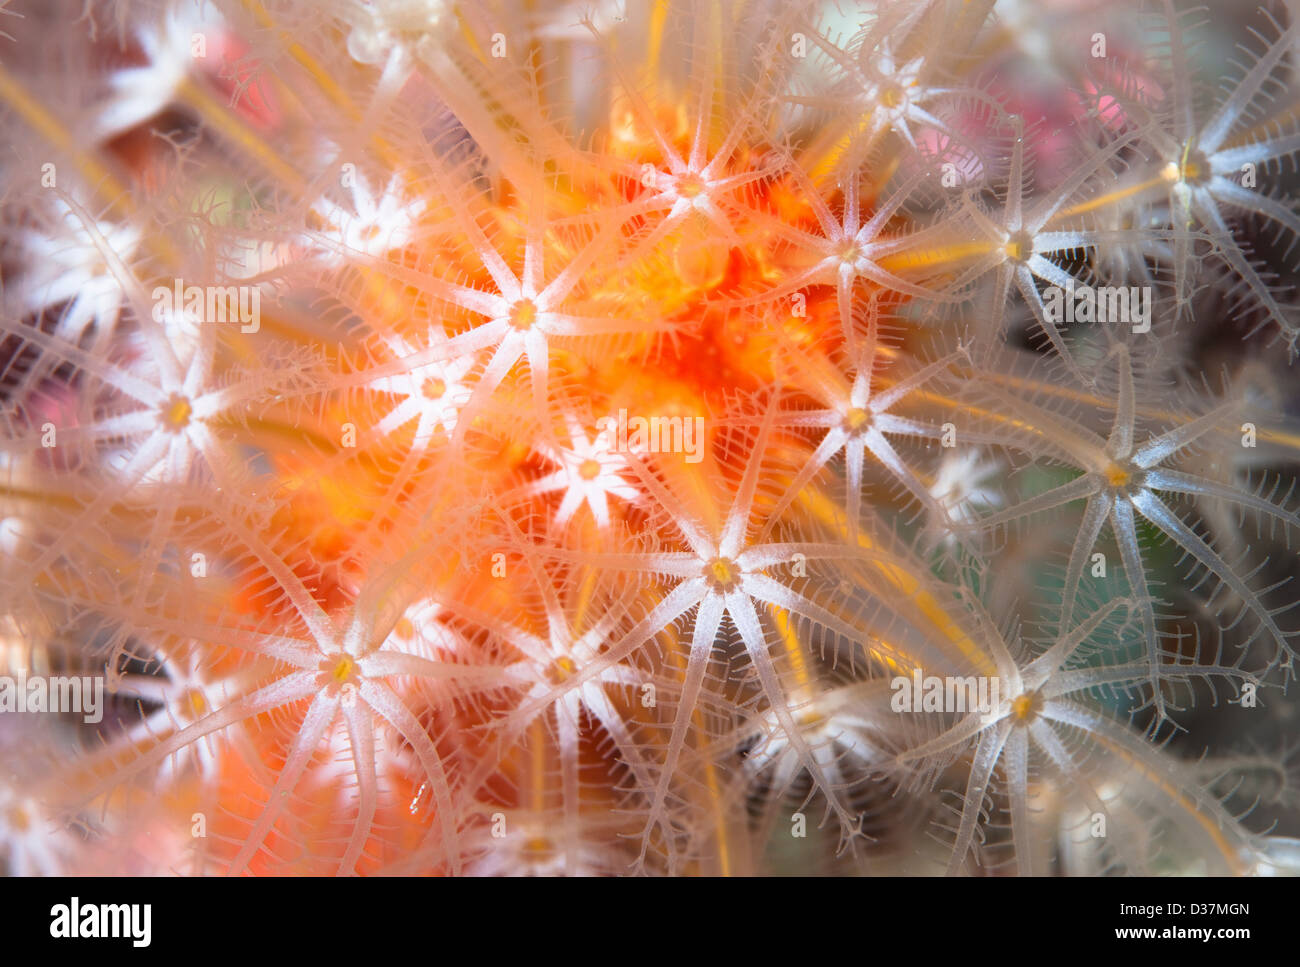 Nahaufnahme von bunte Unterwasserpflanzen Stockbild